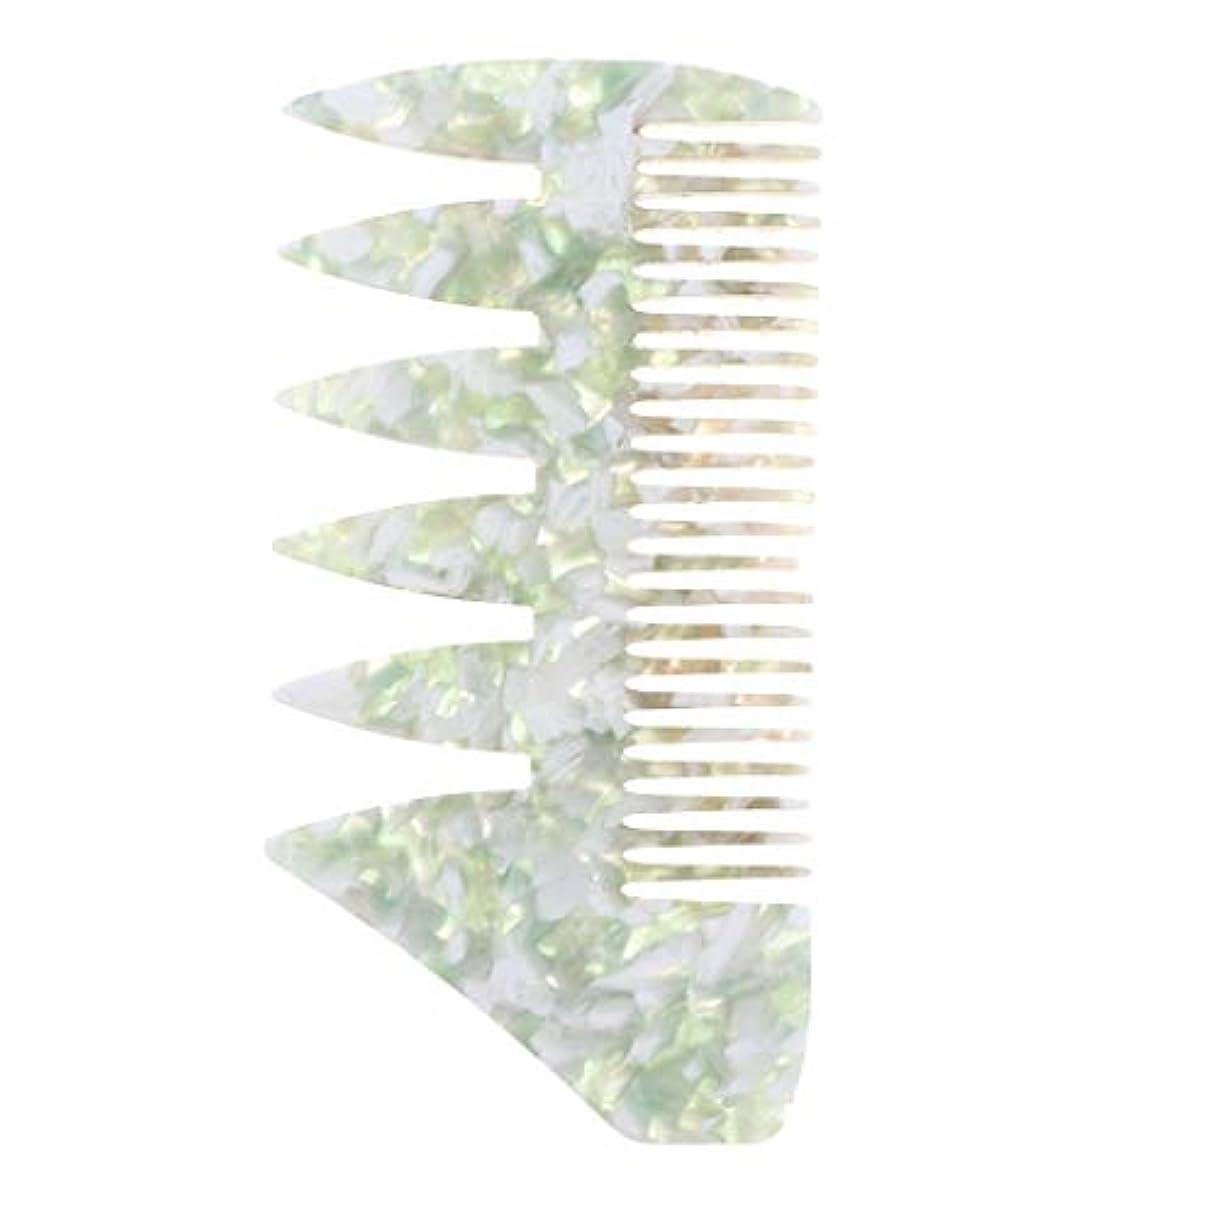 パステルドループ傾く男性 ヘアピックコーム サロン 広い歯 ヘアスタイリングコーム 全4色 - 緑